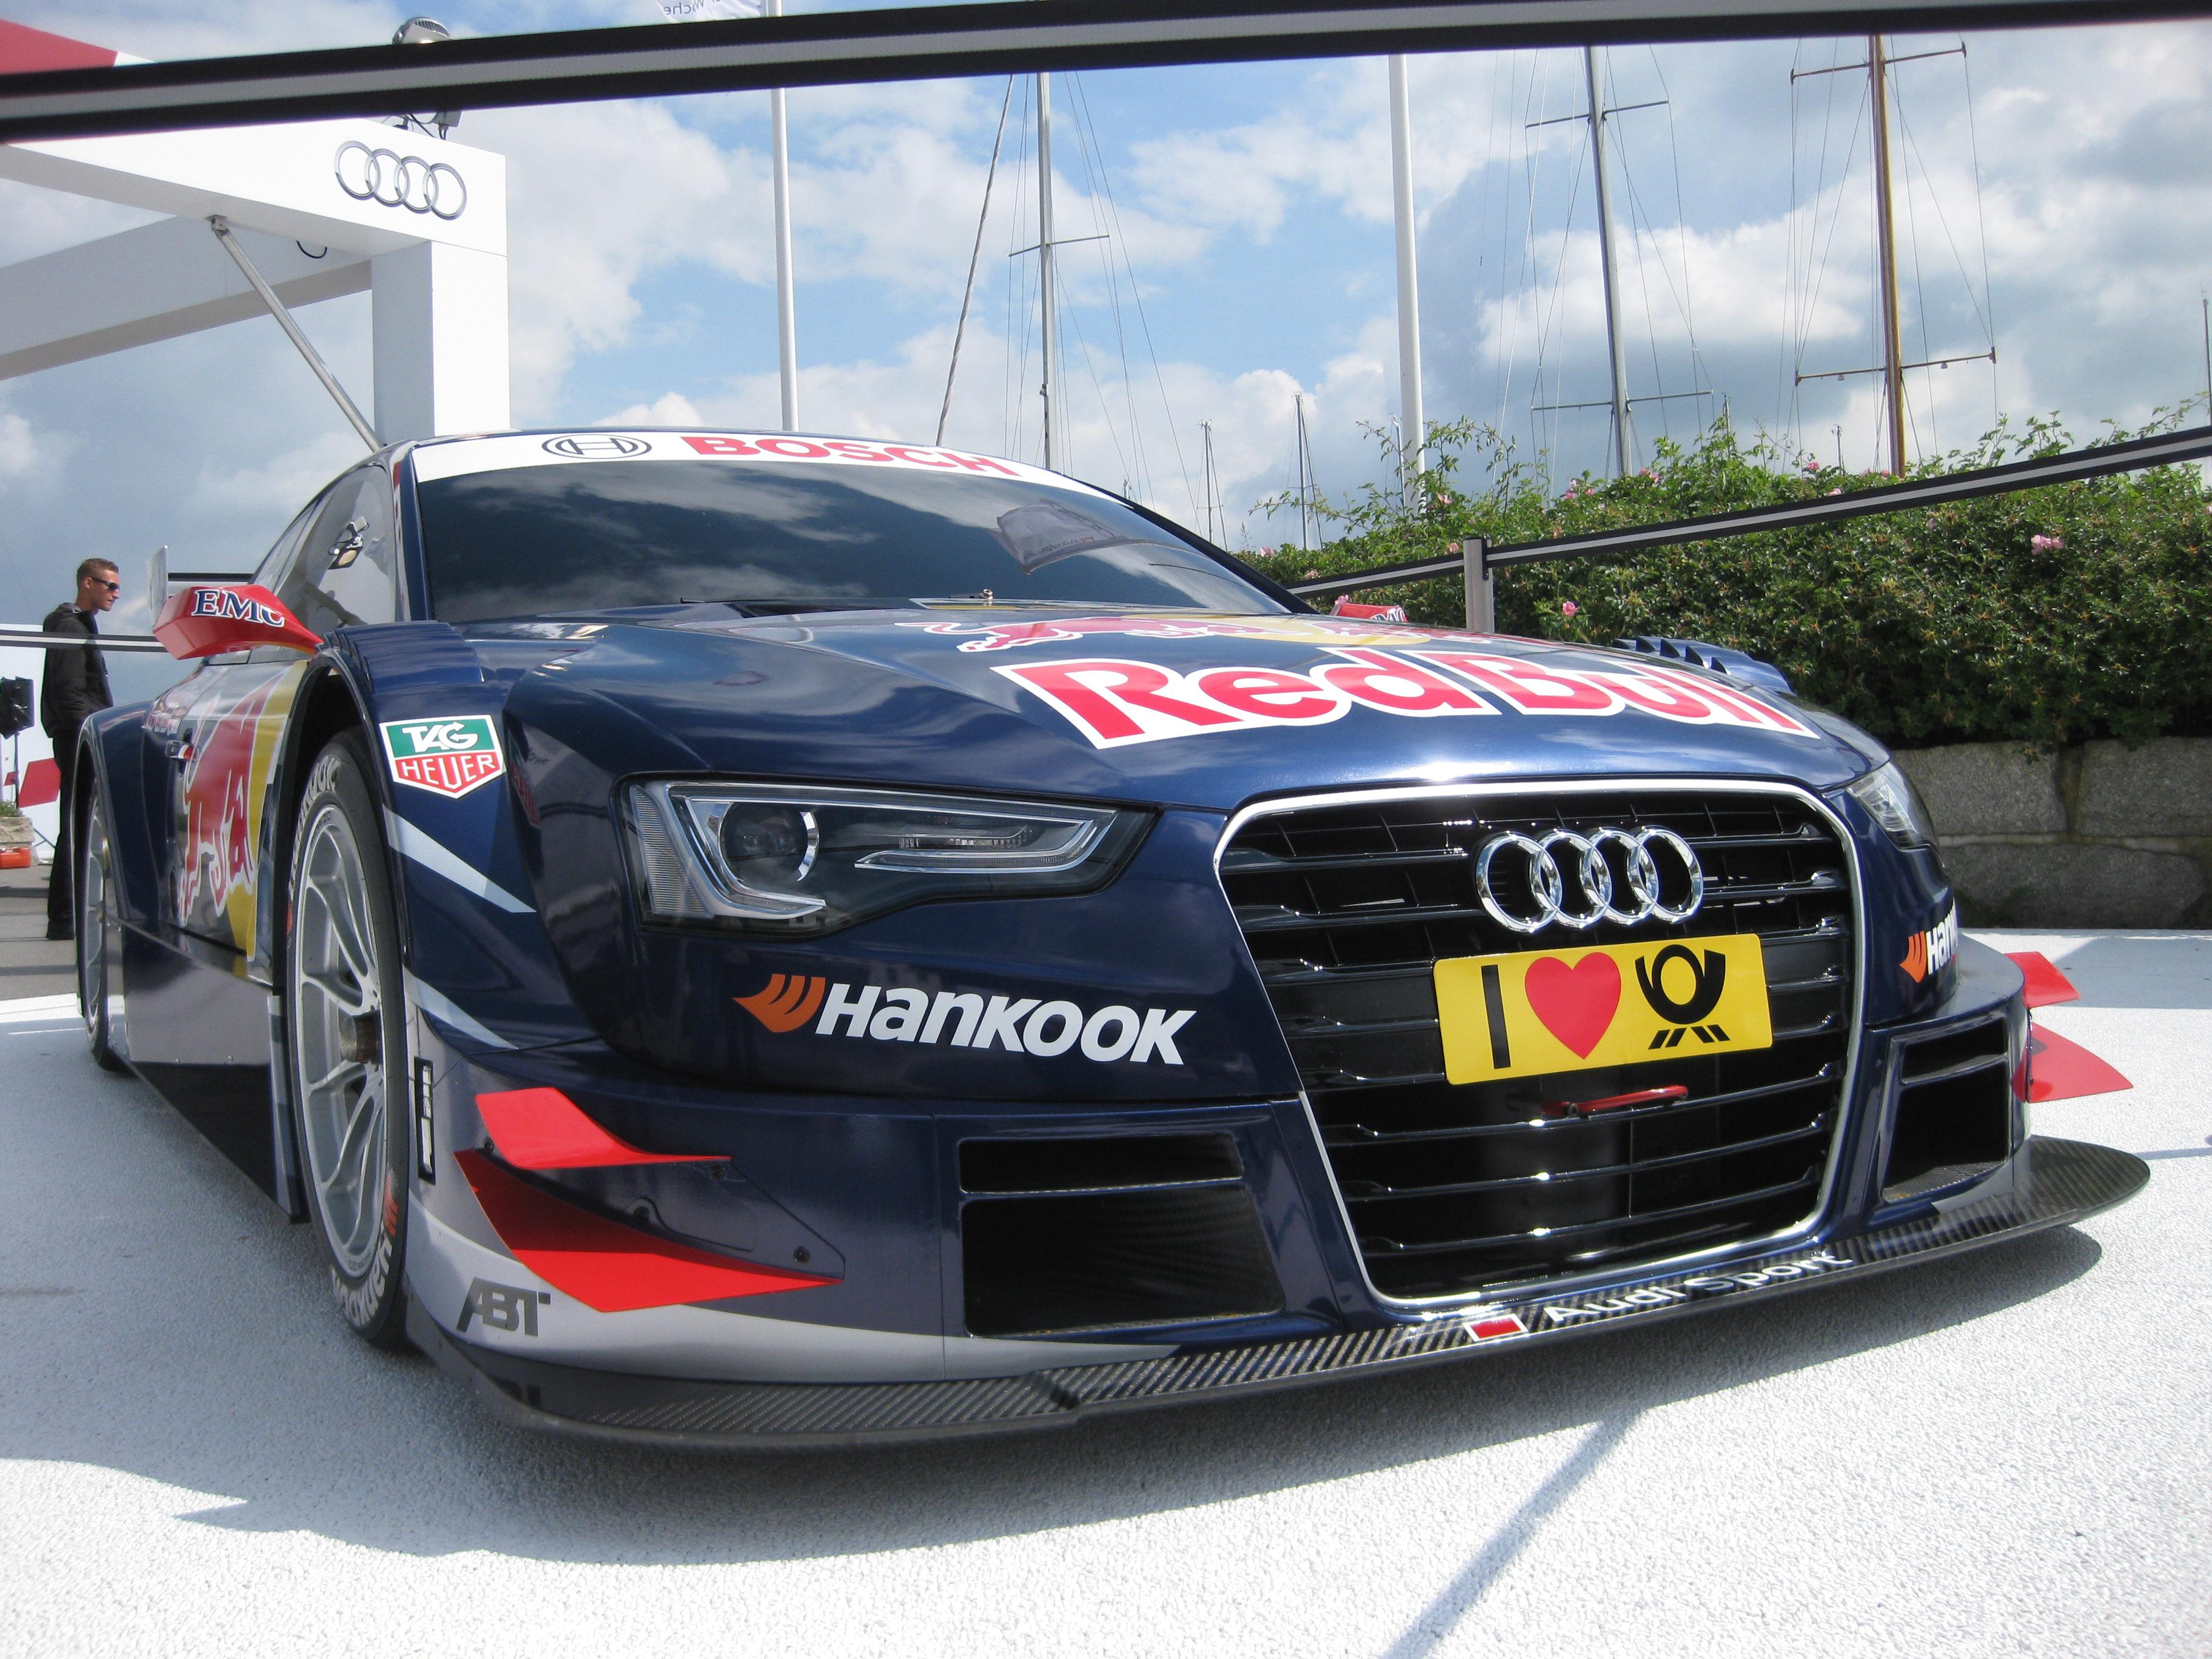 Audi A5 DTM #